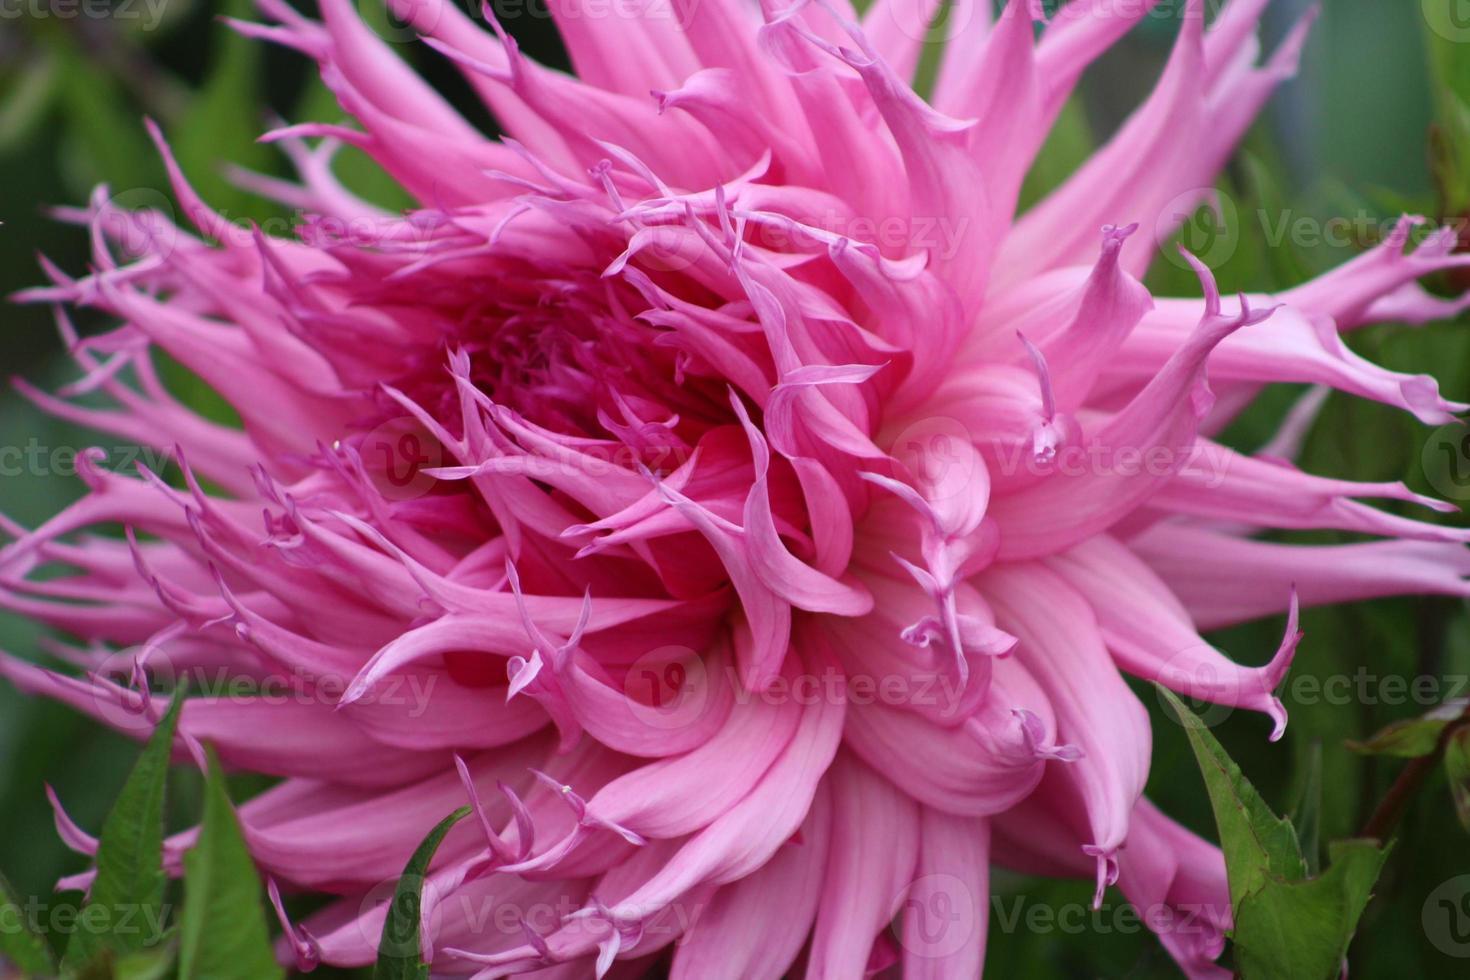 rosa blomma på nära håll foto